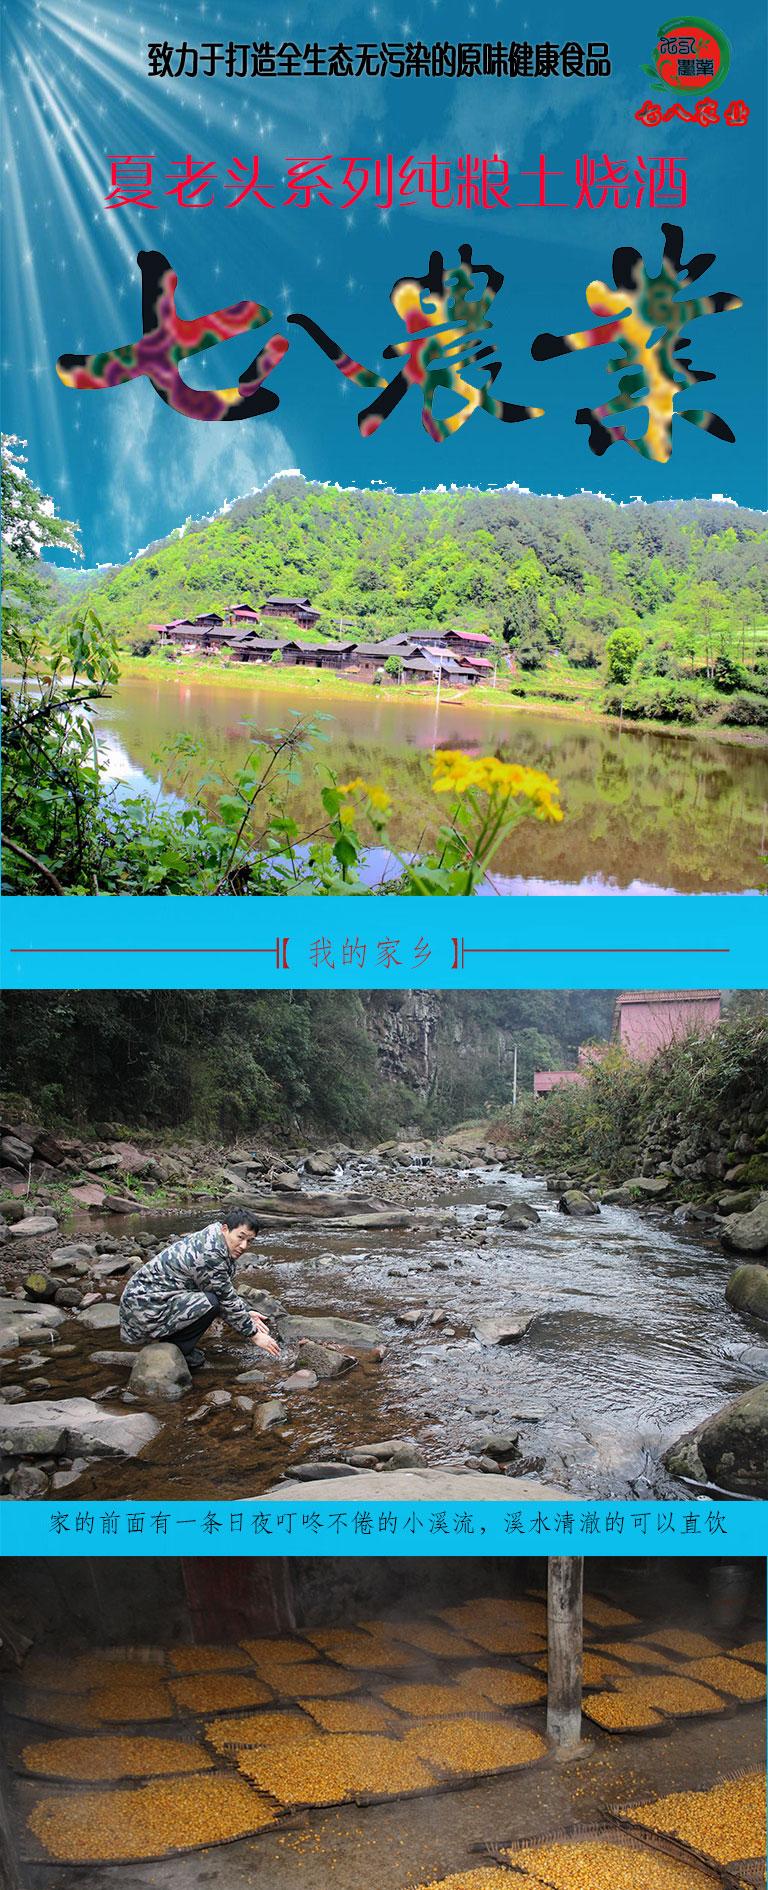 淘宝纯粮酒详情页_01.jpg